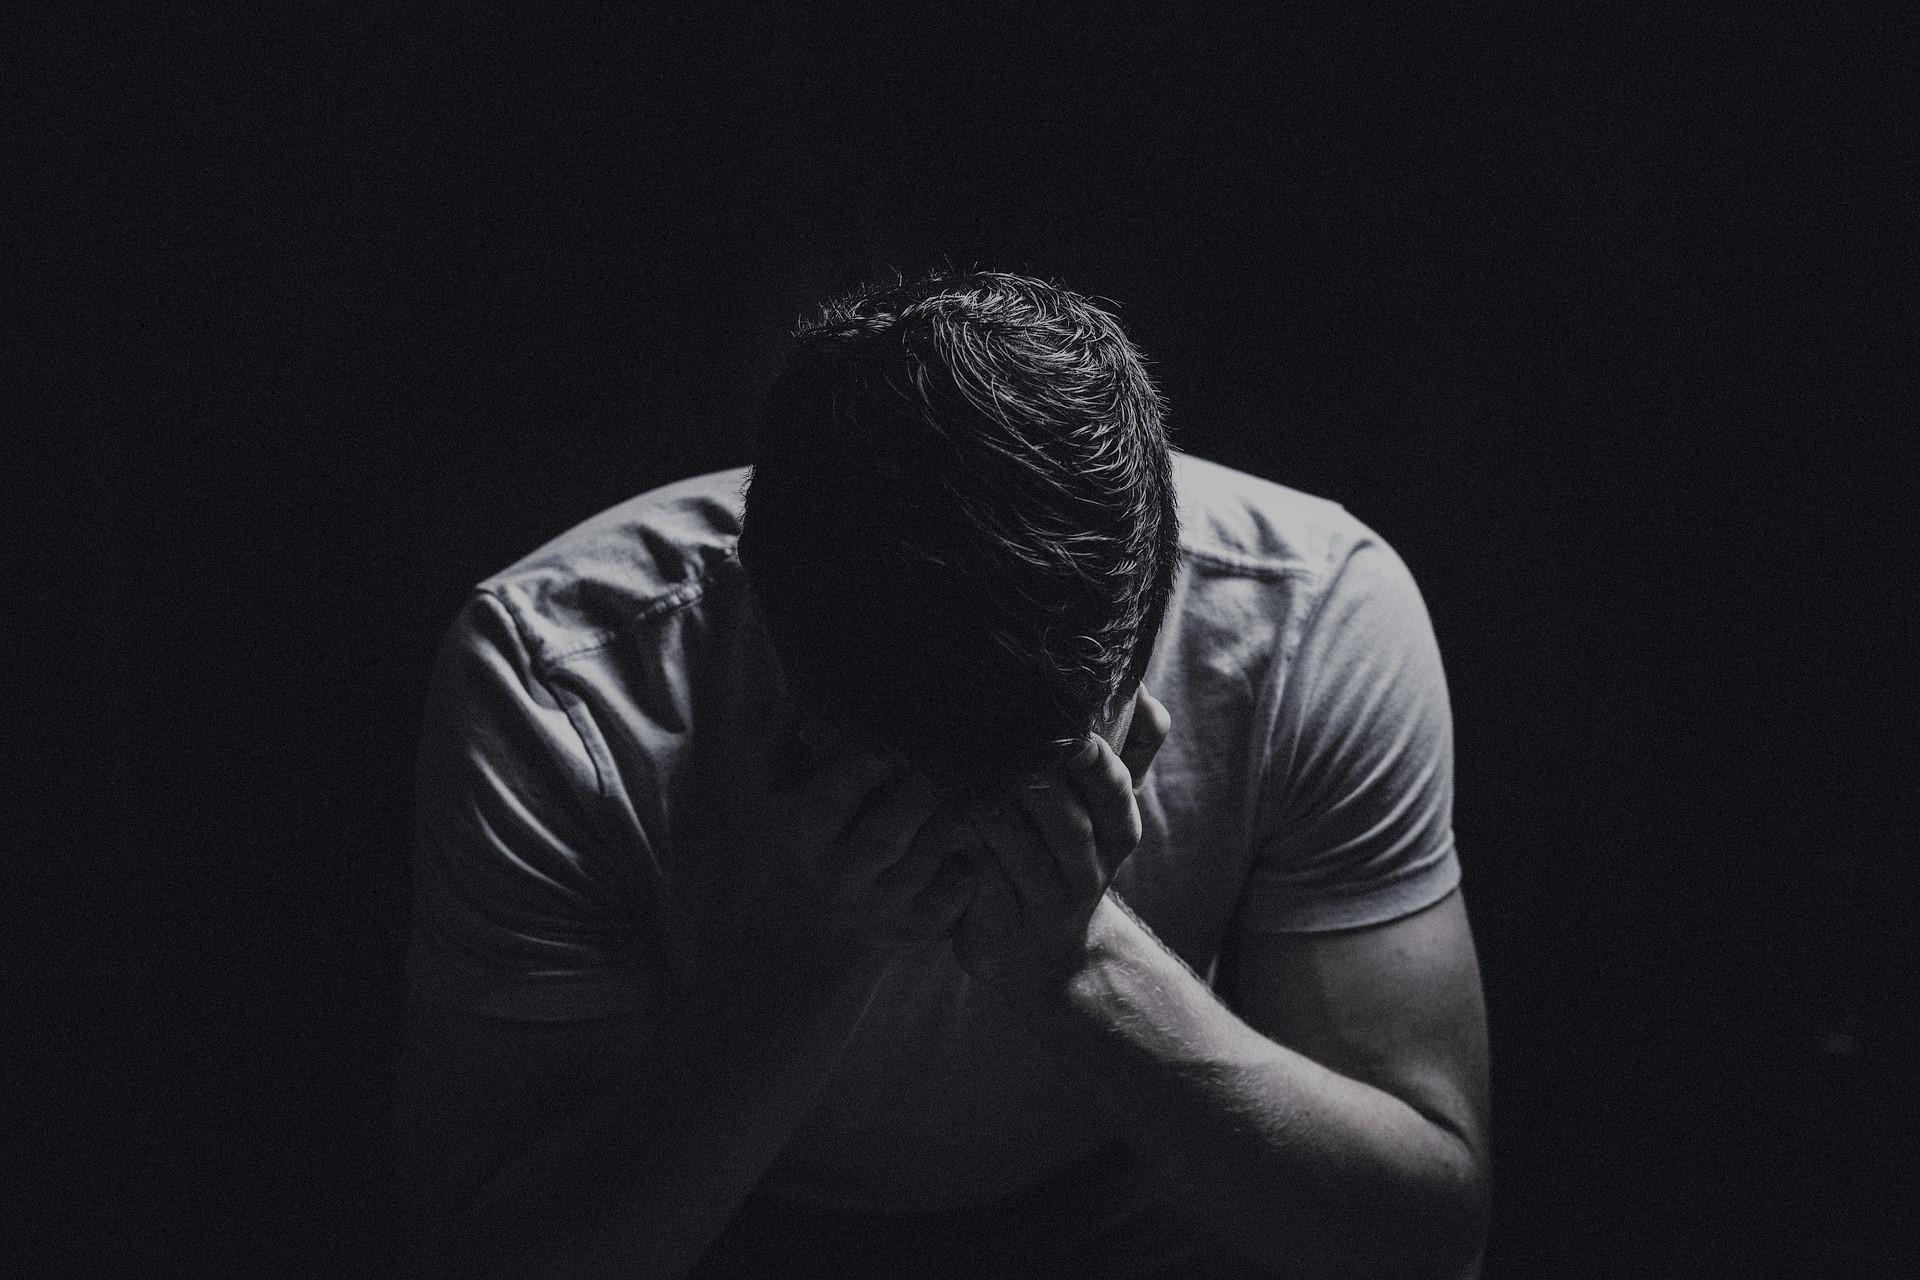 Oración para desesperar a un hombre en minutos - Hechizos de amor